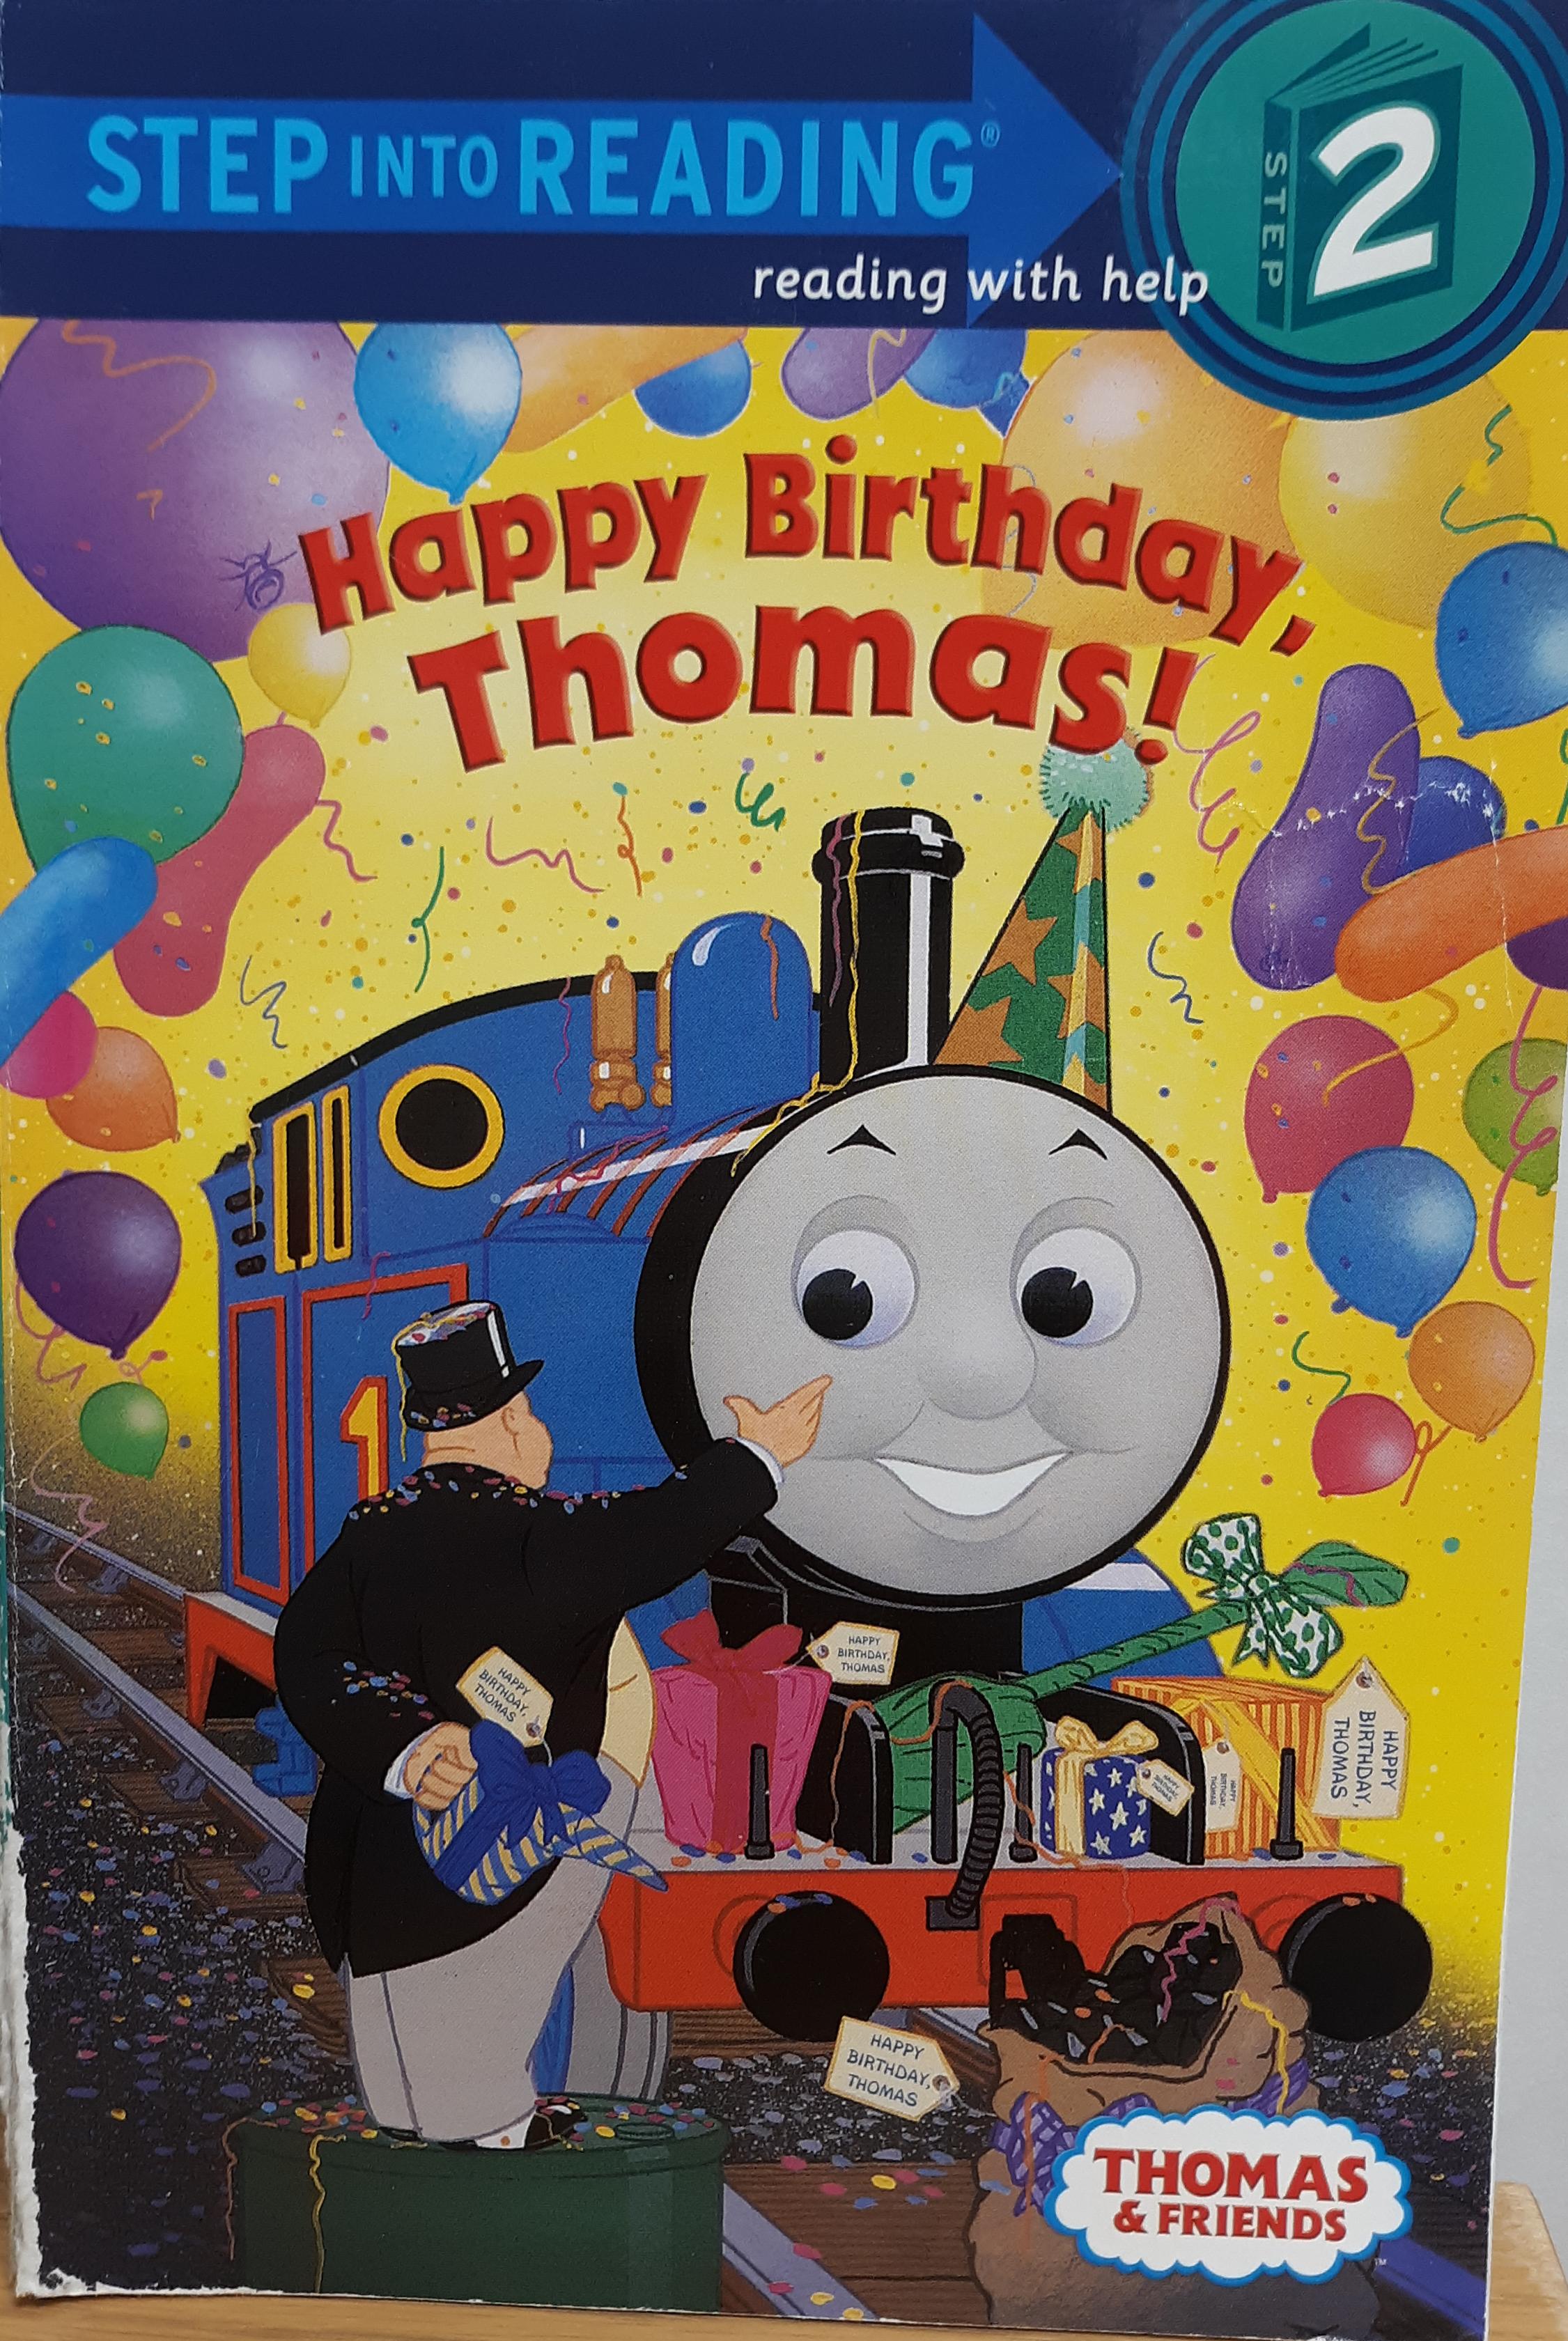 https://0201.nccdn.net/1_2/000/000/106/a70/happy-birthday--thomas.png